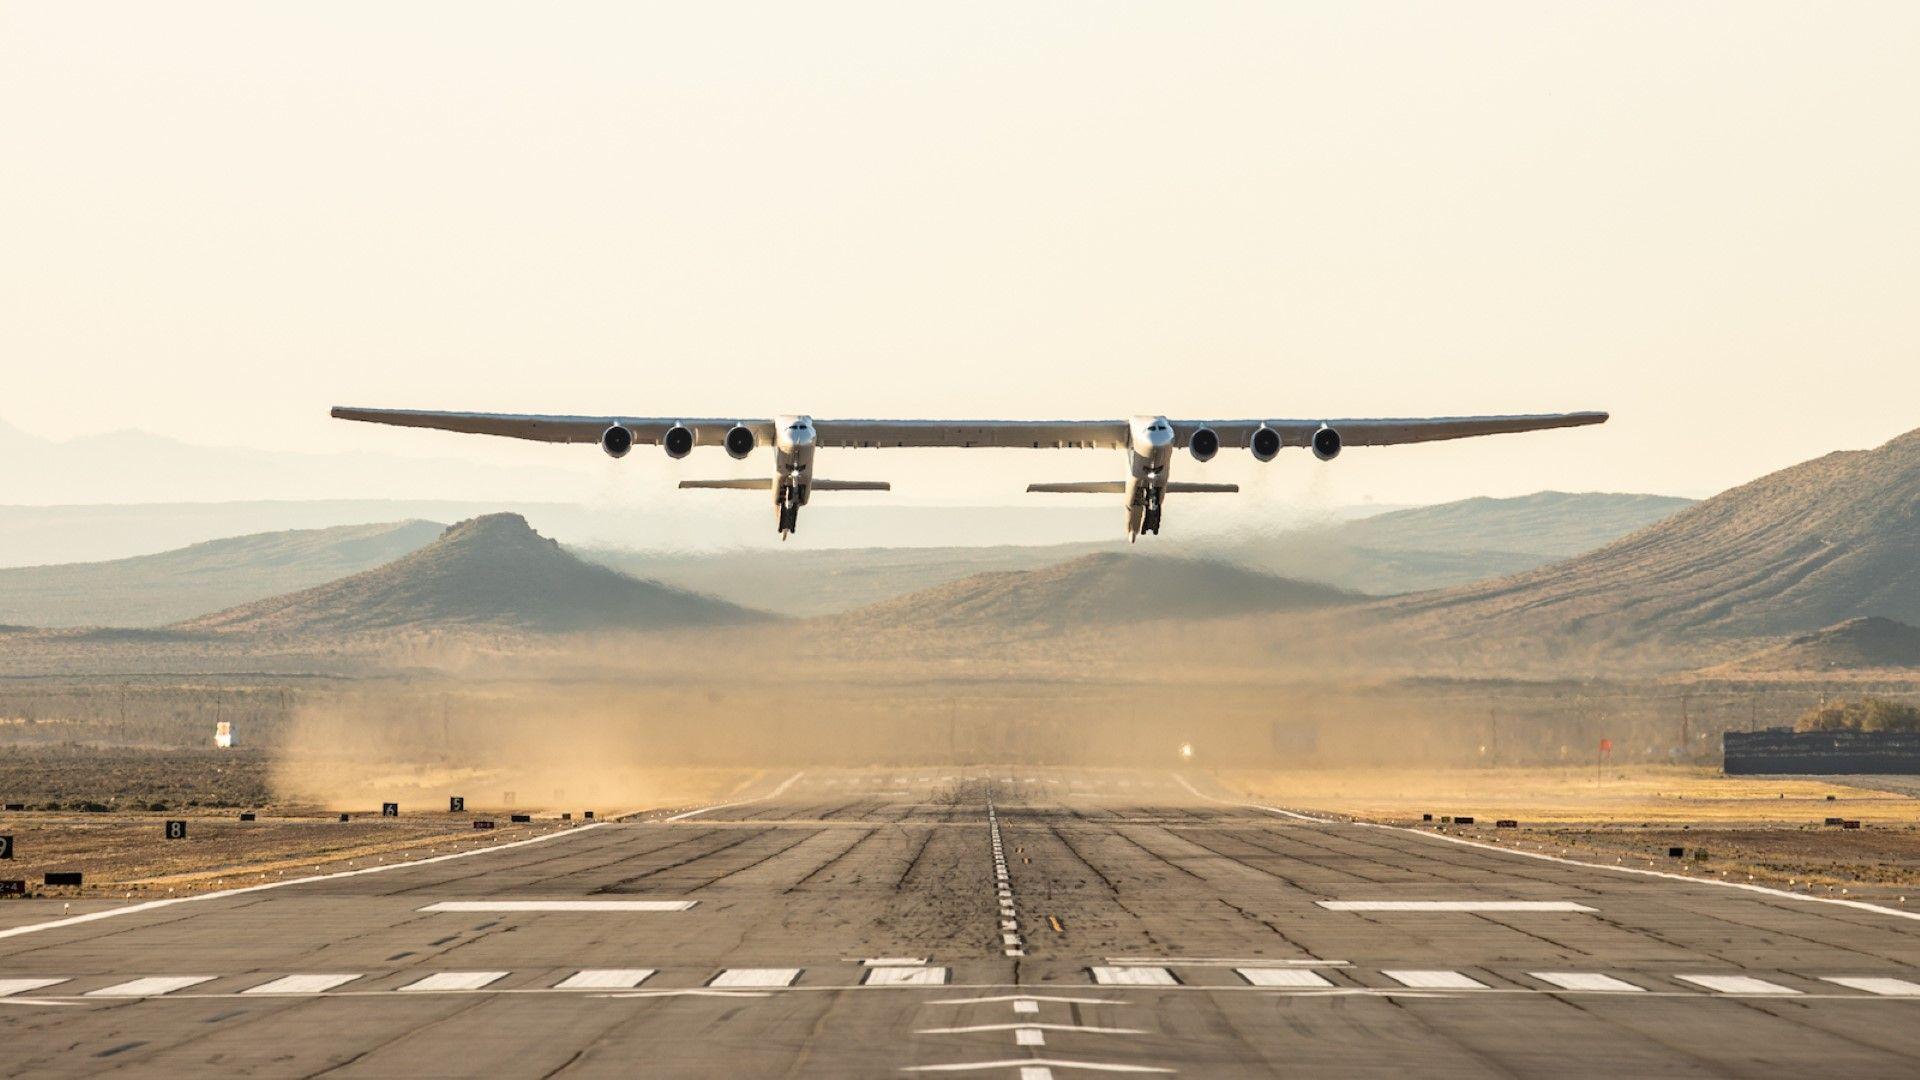 Първи полет: Най-големият самолет разви скорост от 304 км/час и се издигна до 5.1 км (видео)